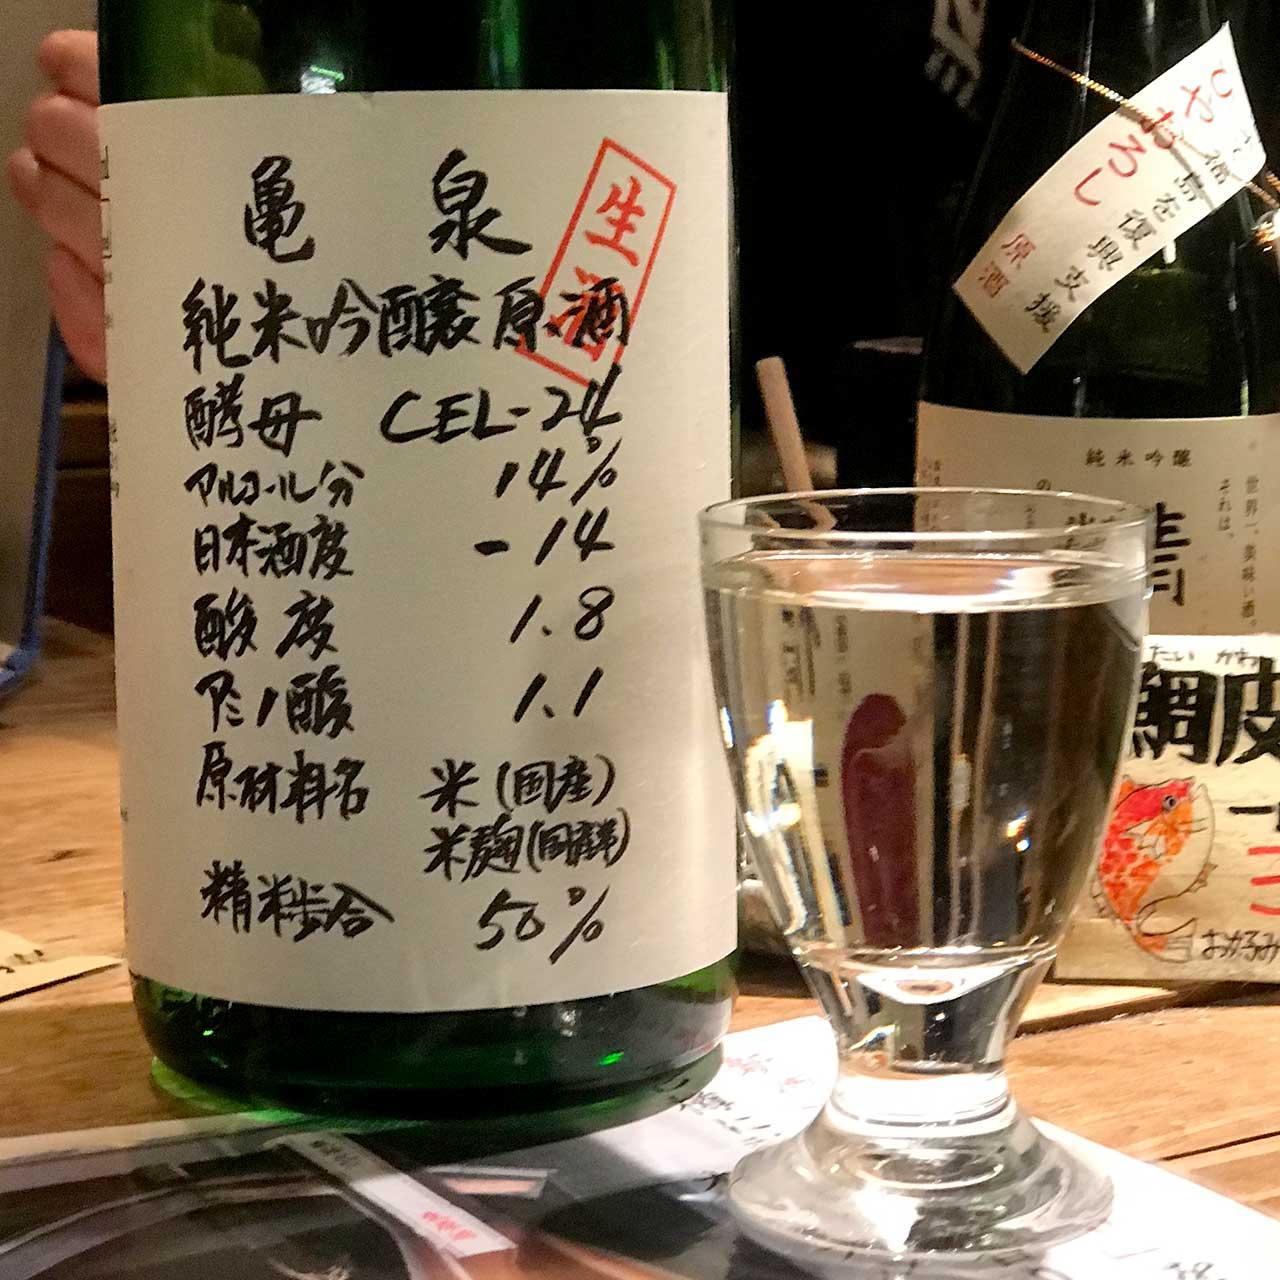 亀泉 CEL-24 純米吟醸 生原酒 30BY